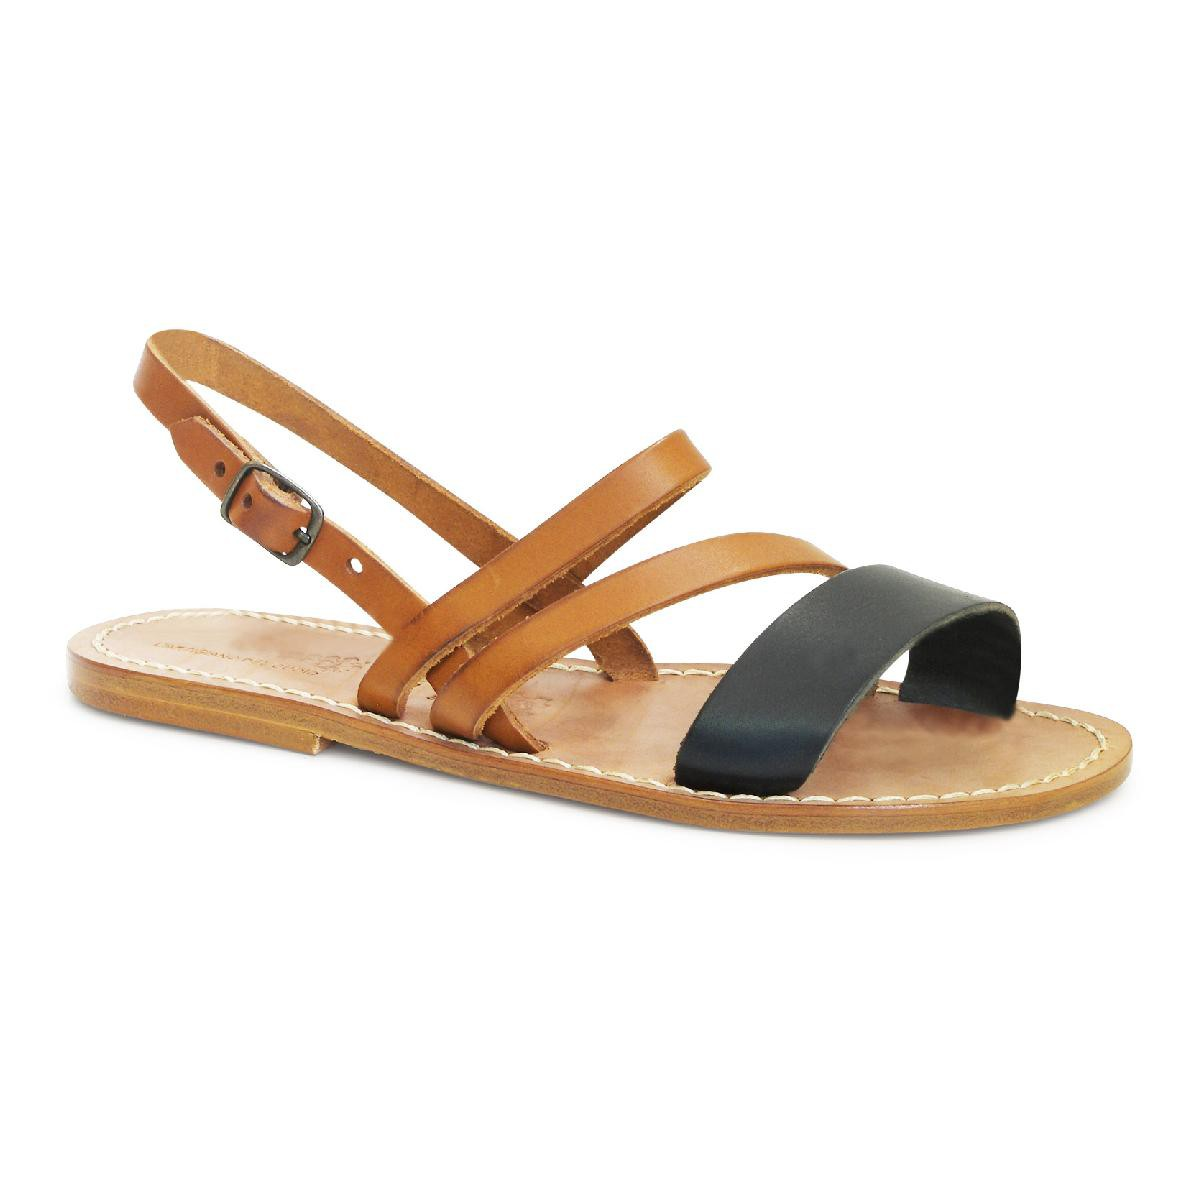 flache damen sandalen aus braunem und schwarzem leder. Black Bedroom Furniture Sets. Home Design Ideas